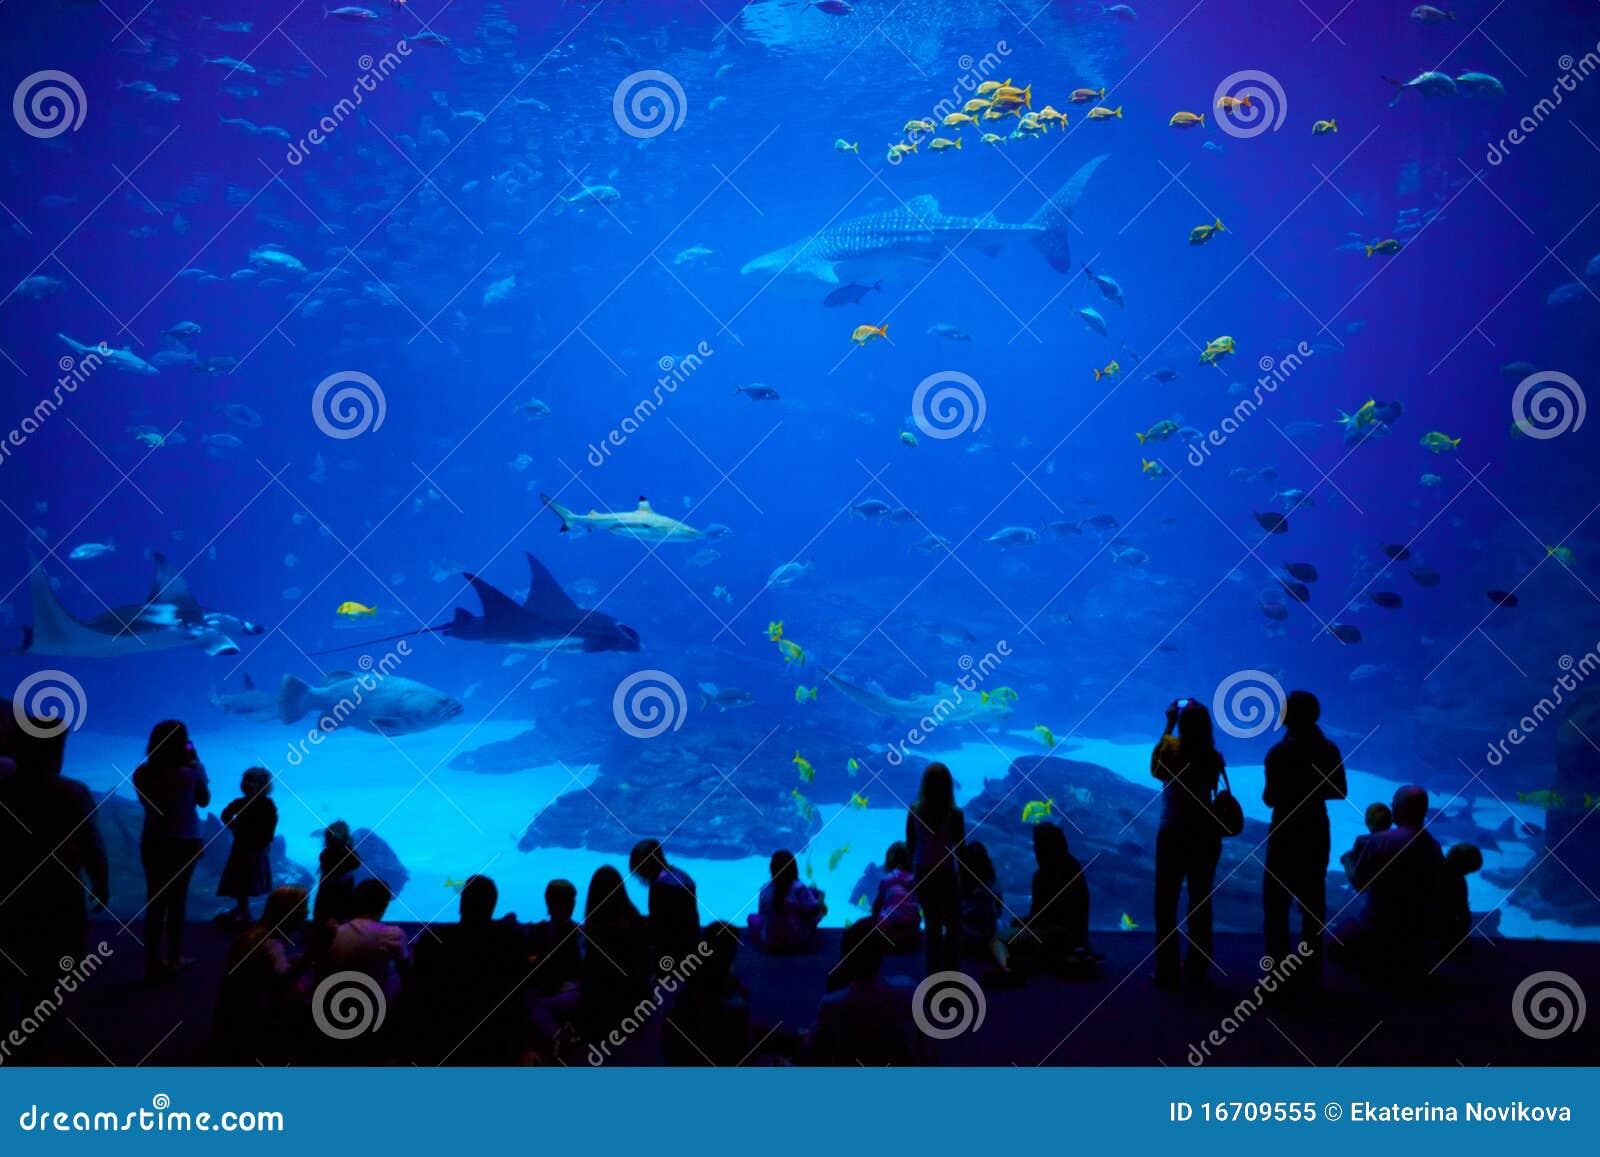 Biggest Aquarium In The World Atlanta Georgia Stock Image Image